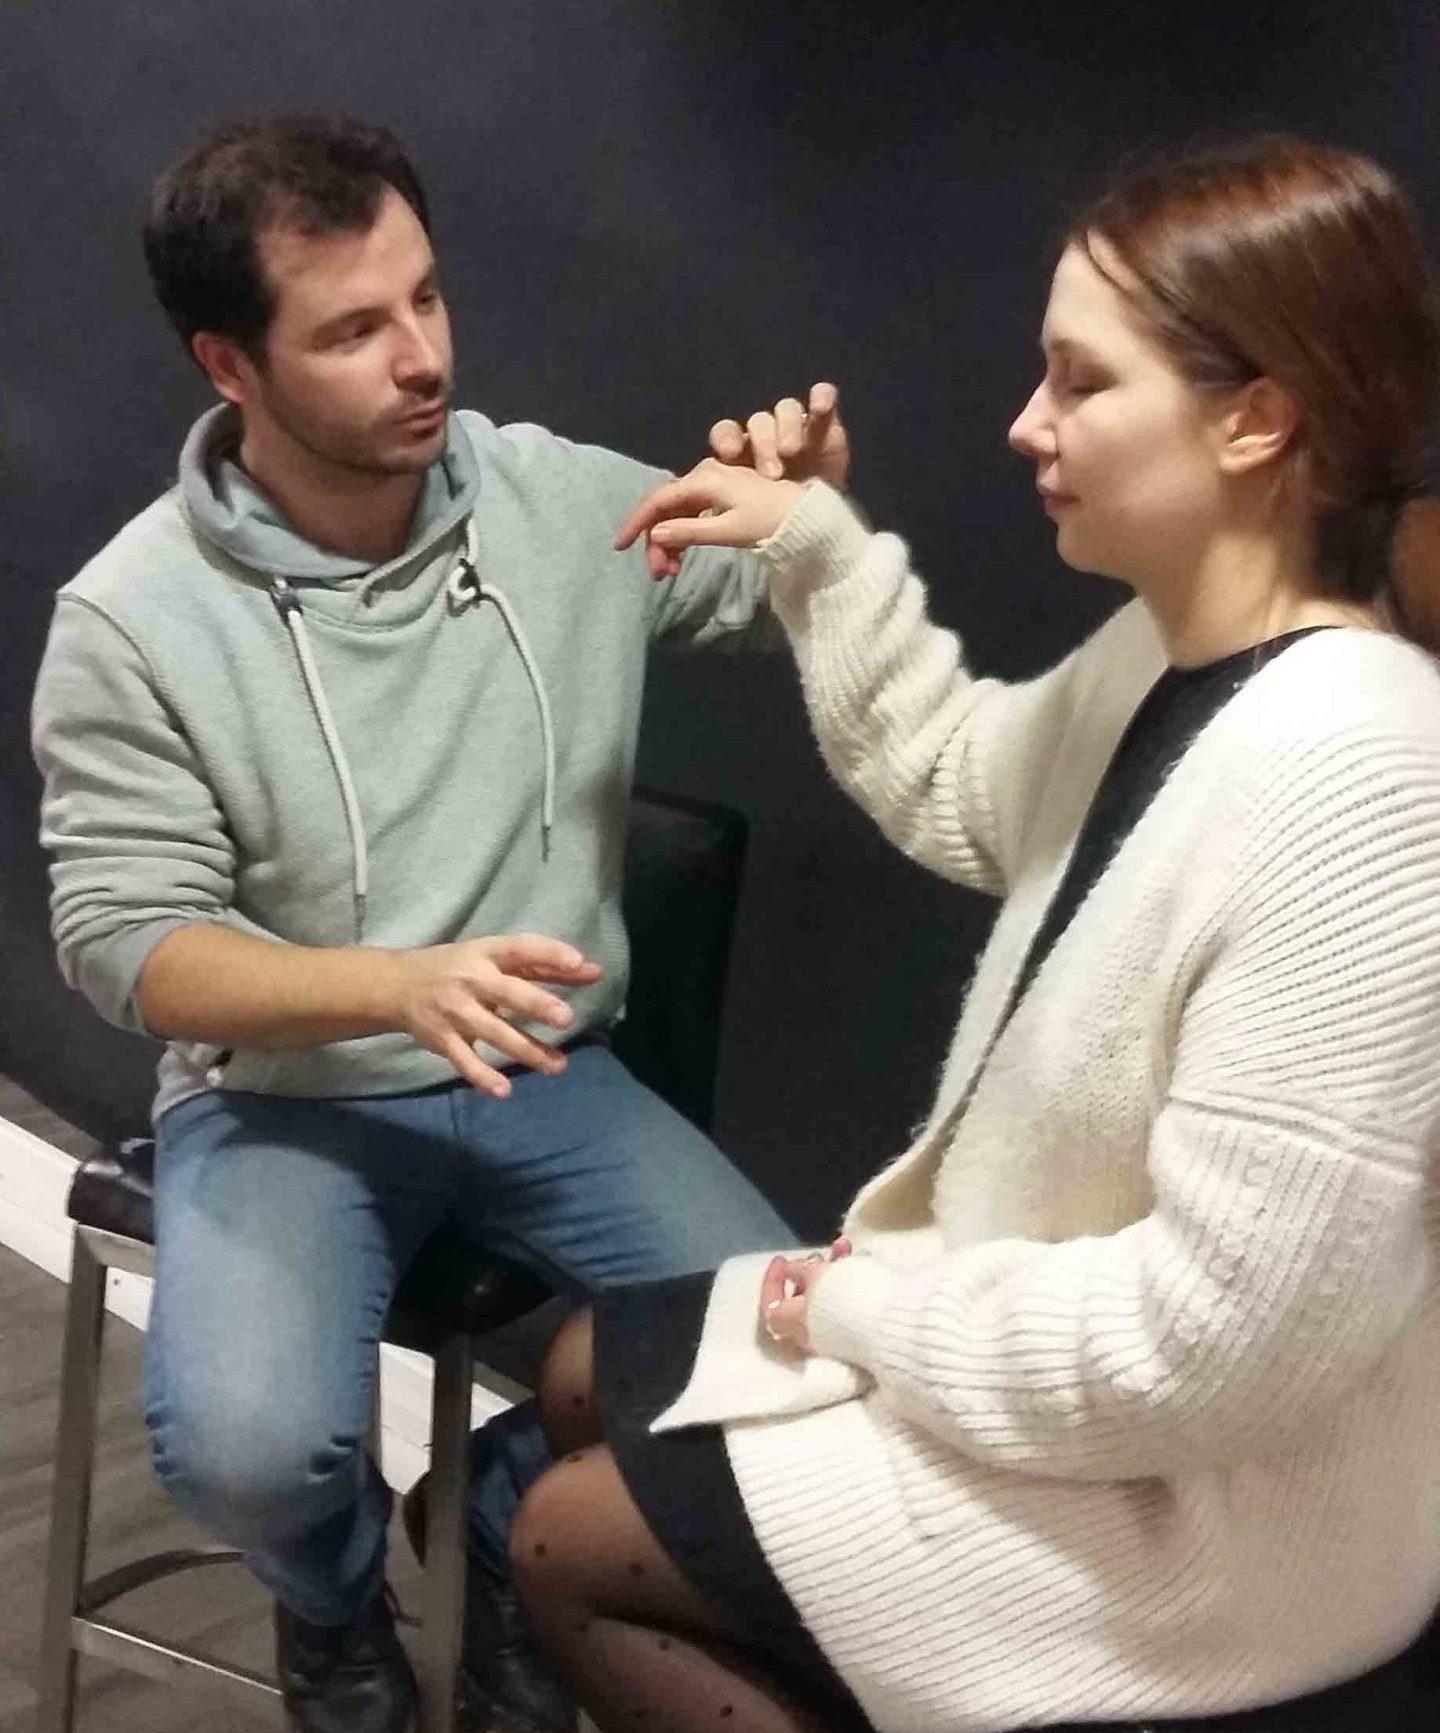 séance d'hypnose Vannes